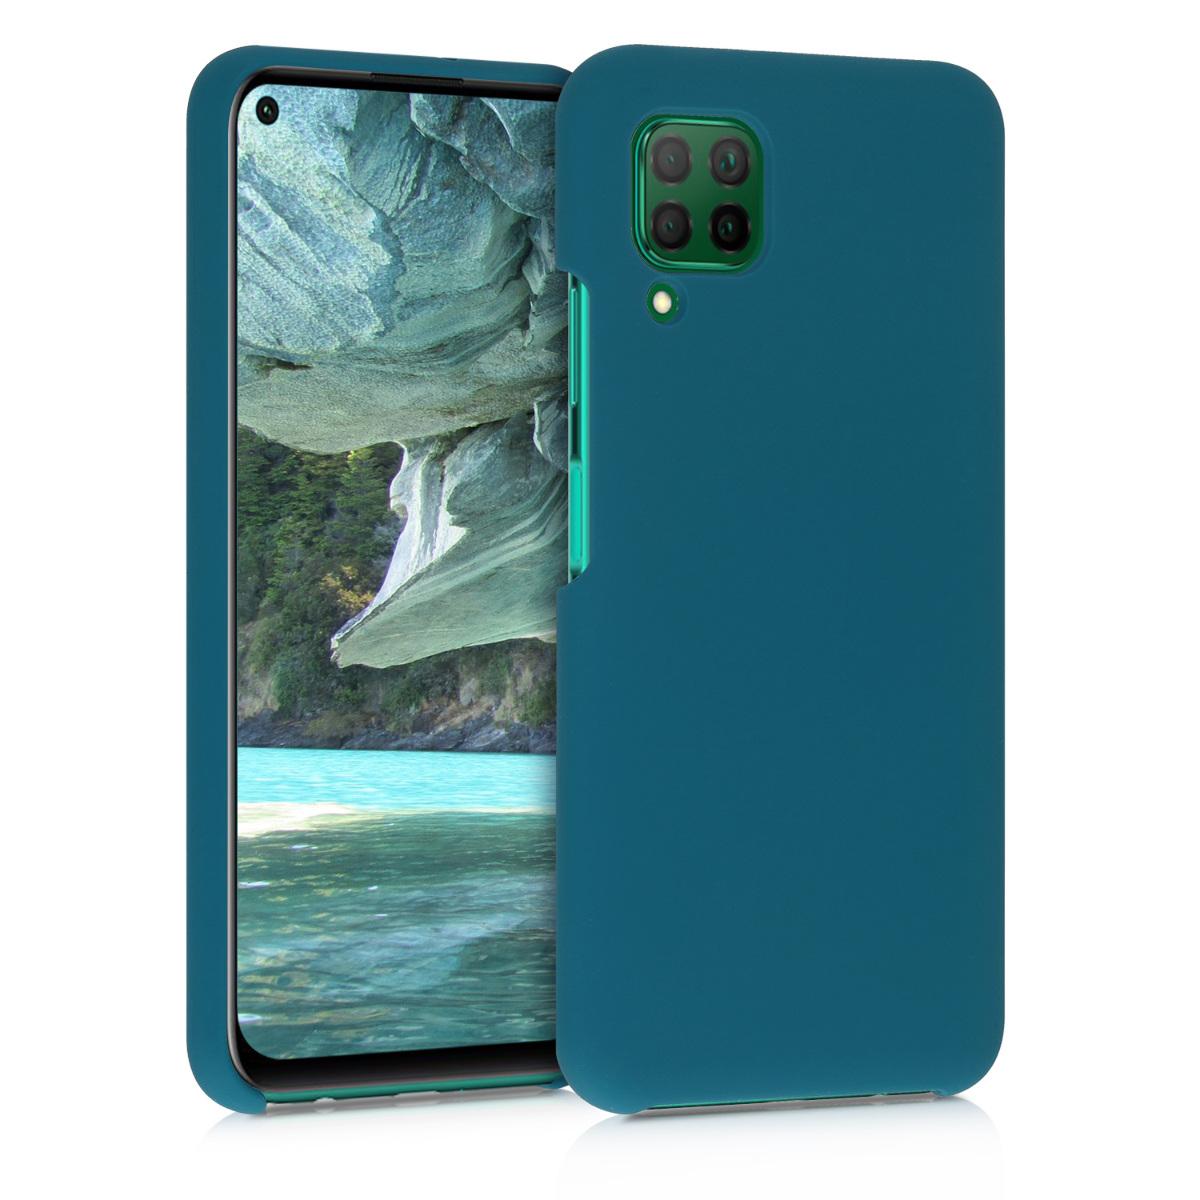 Petrolejové tmavě modré silikonové pouzdro / obal pro Huawei P40 Lite